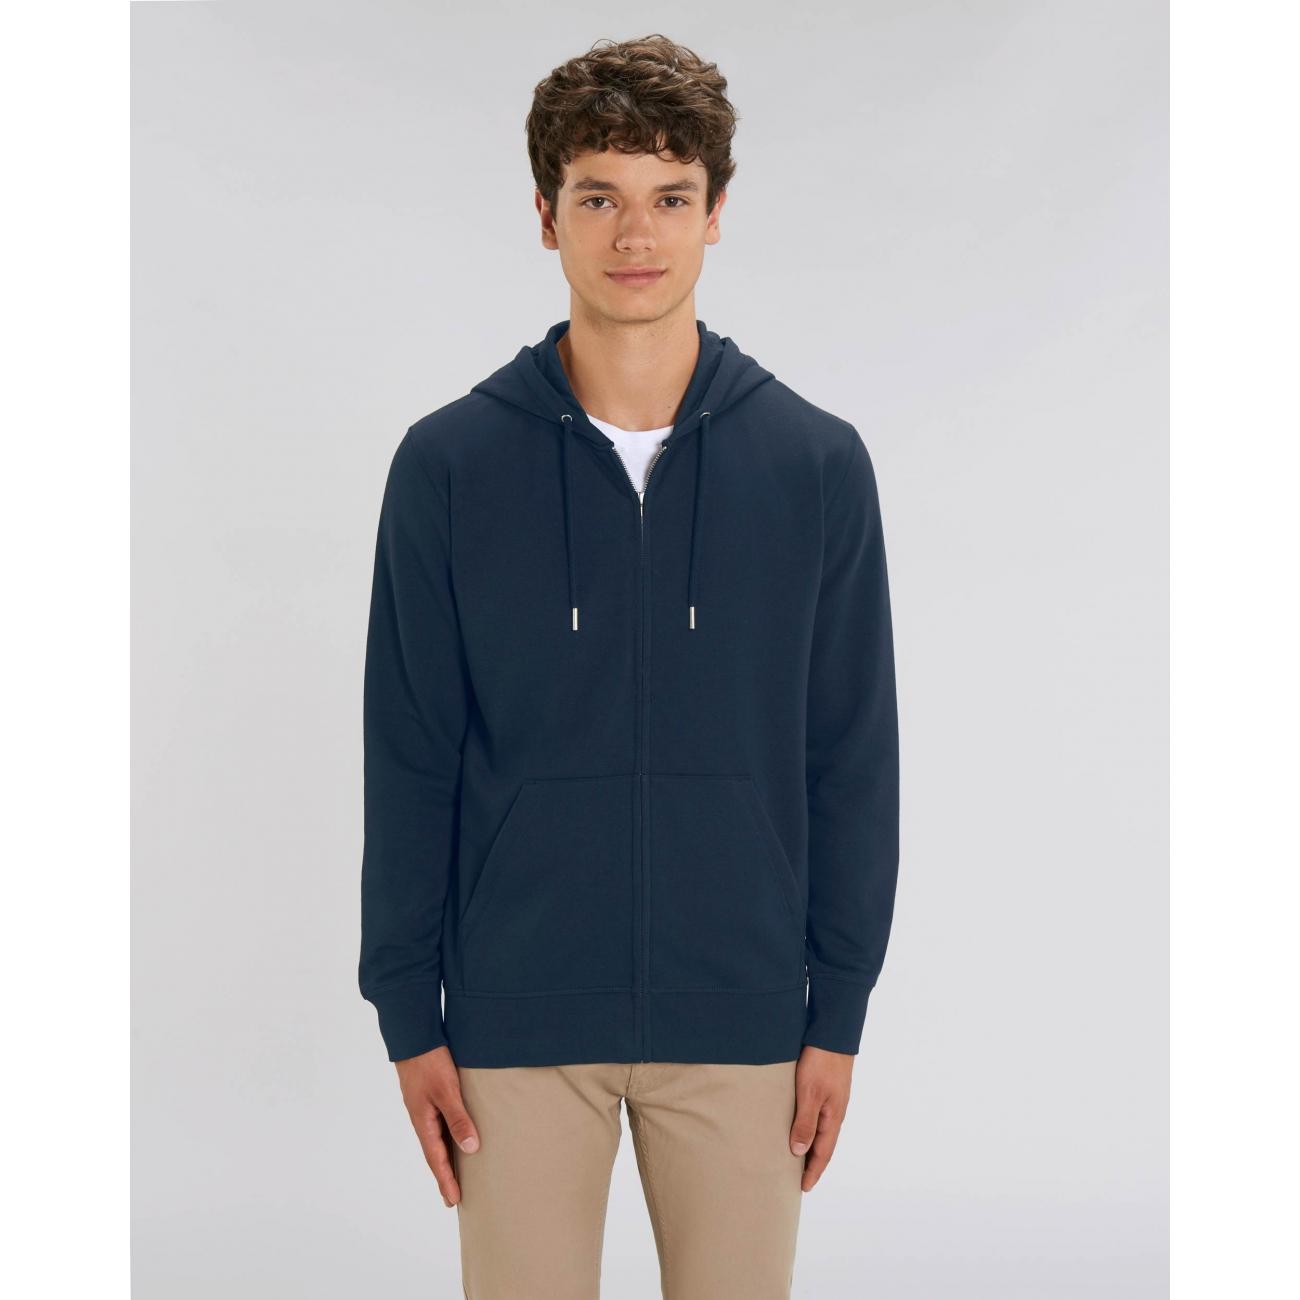 https://tee-shirt-bio.com/8261-thickbox_default/veste-capuche-coton-bio-de-couleur-bleu-marine-legere-connector.jpg